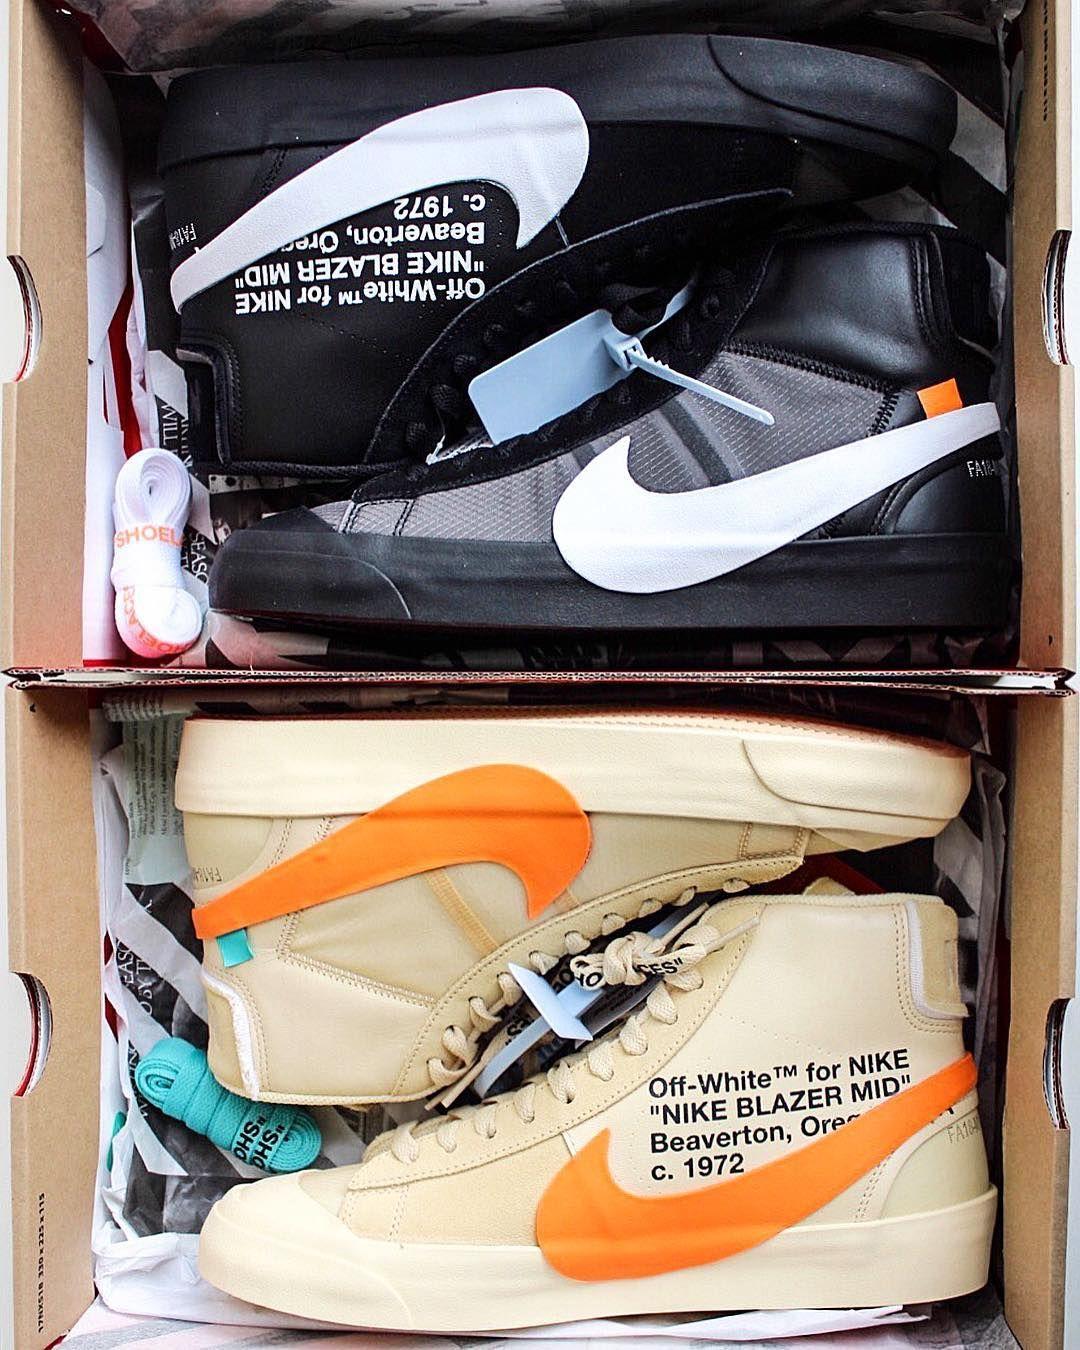 Off White X Nike Alle News Und Releasedates Der Beruchtigten Collabo Off White Schuhe Coole Schuhe Turnschuhe